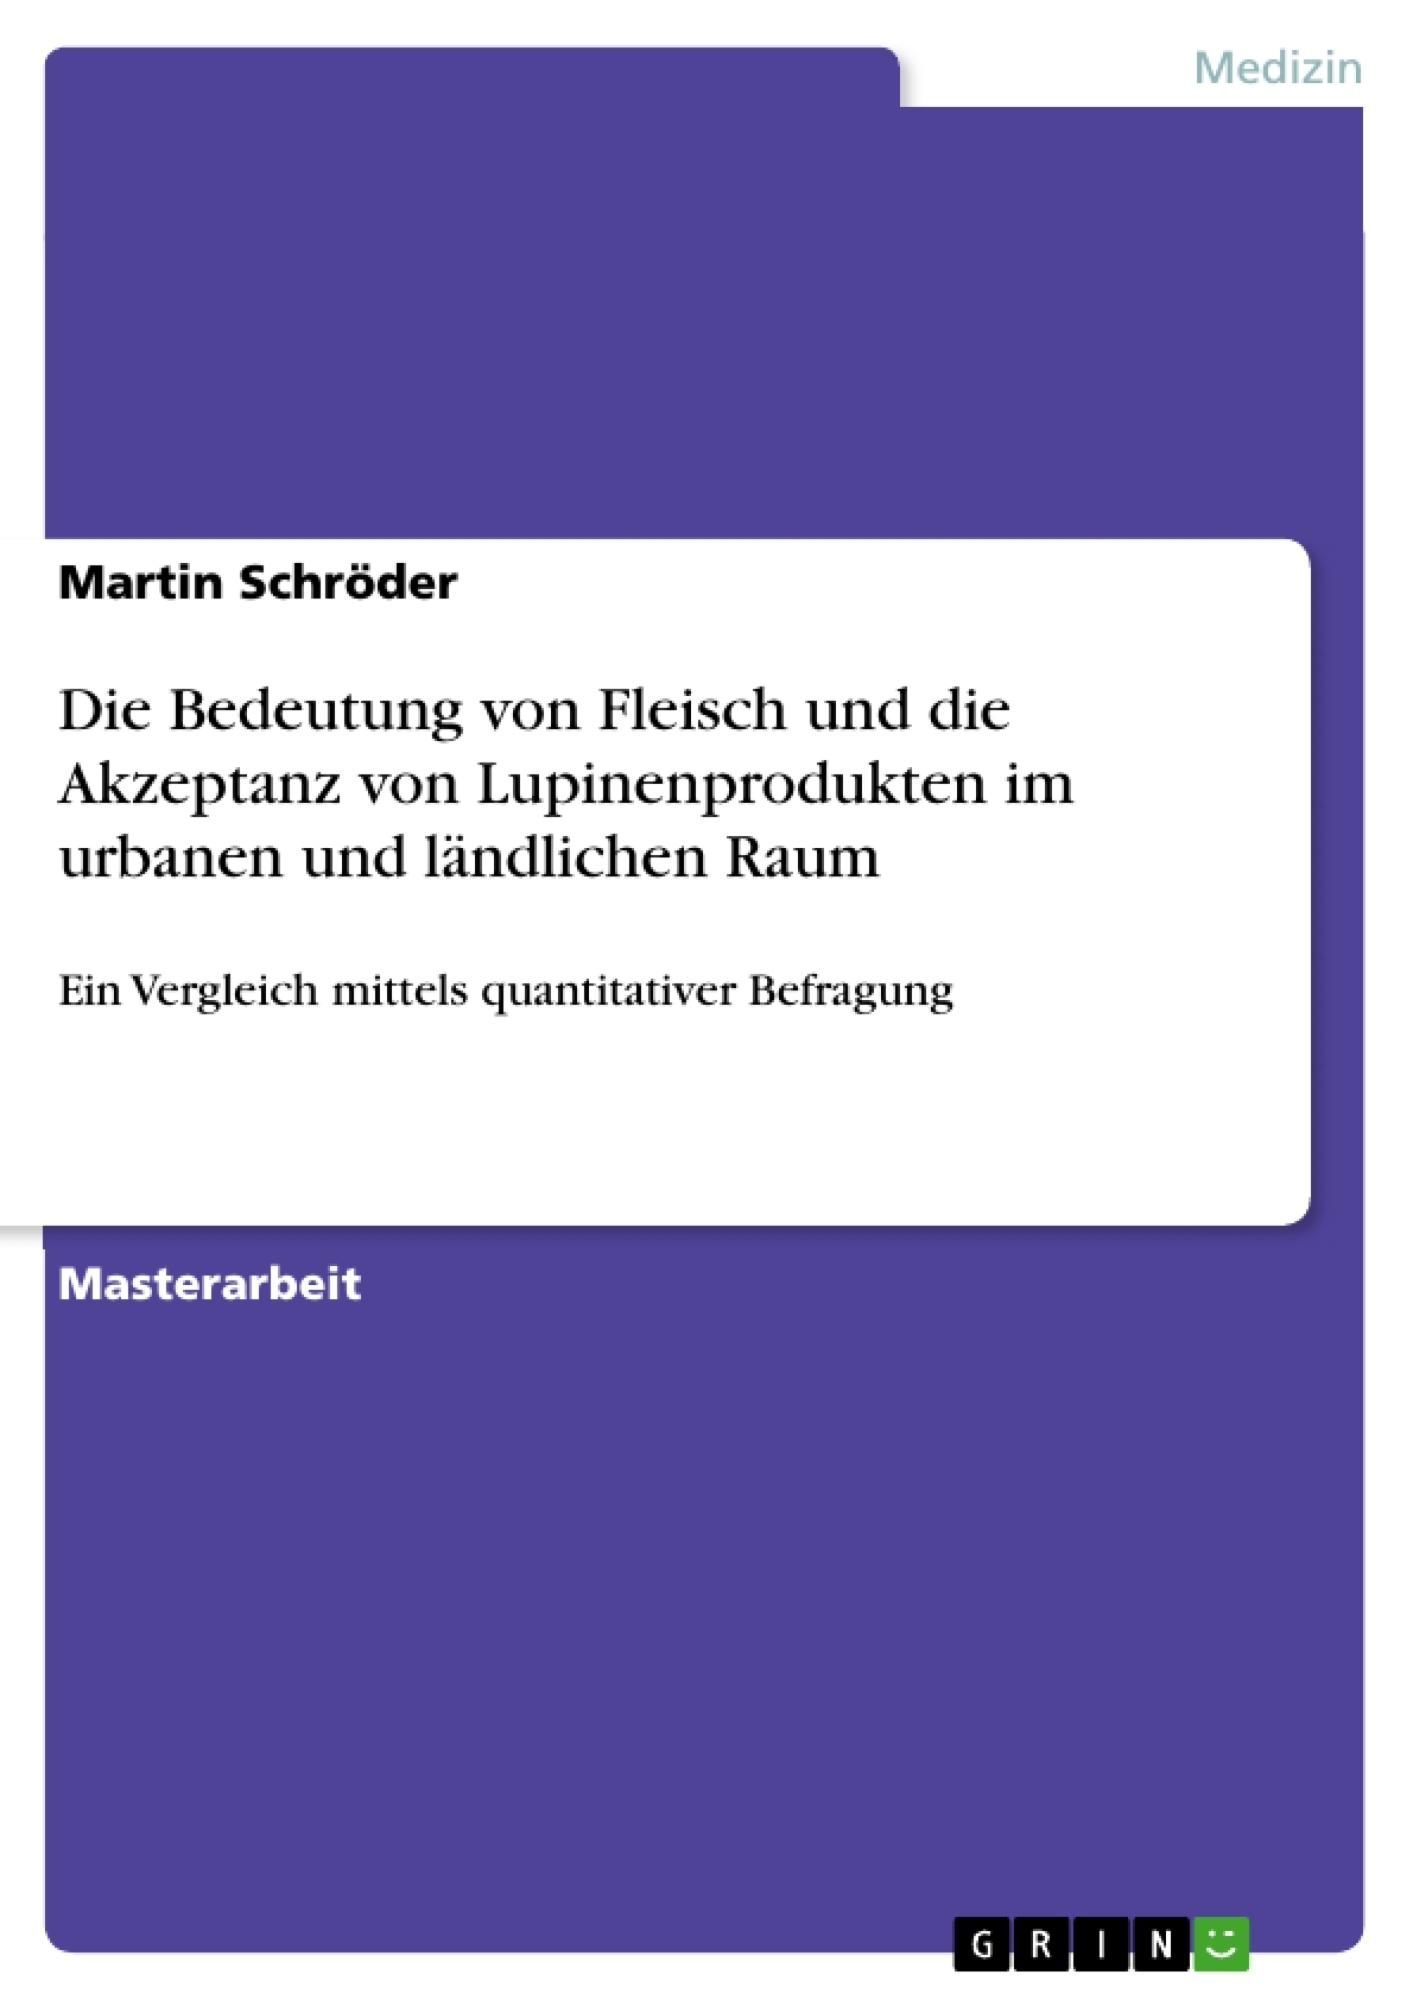 Titel: Die Bedeutung von Fleisch und die Akzeptanz von Lupinenprodukten im urbanen und ländlichen Raum